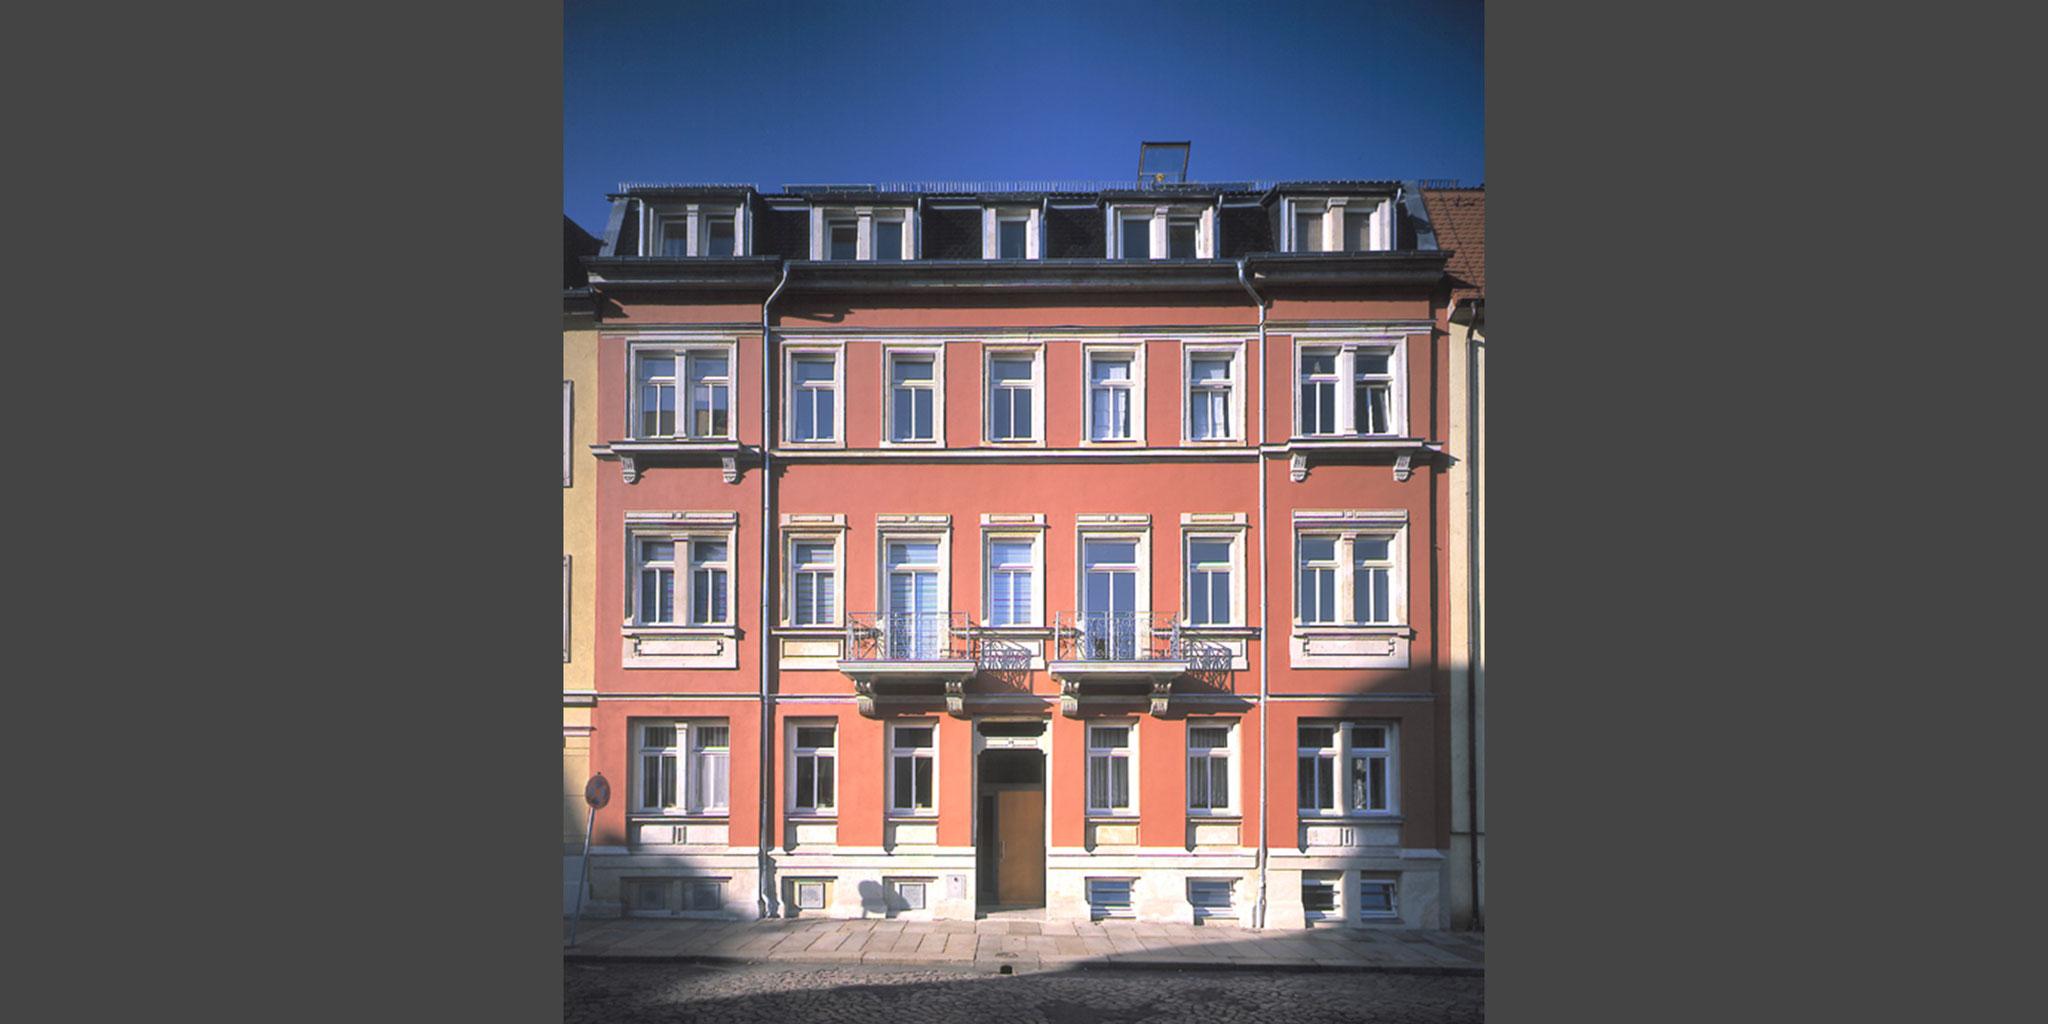 Architekten Frankfurt – Sanierung und Umbau Altbau Wohnhaus in Dresden, Architekturbüro Frick.Reichert Architekten